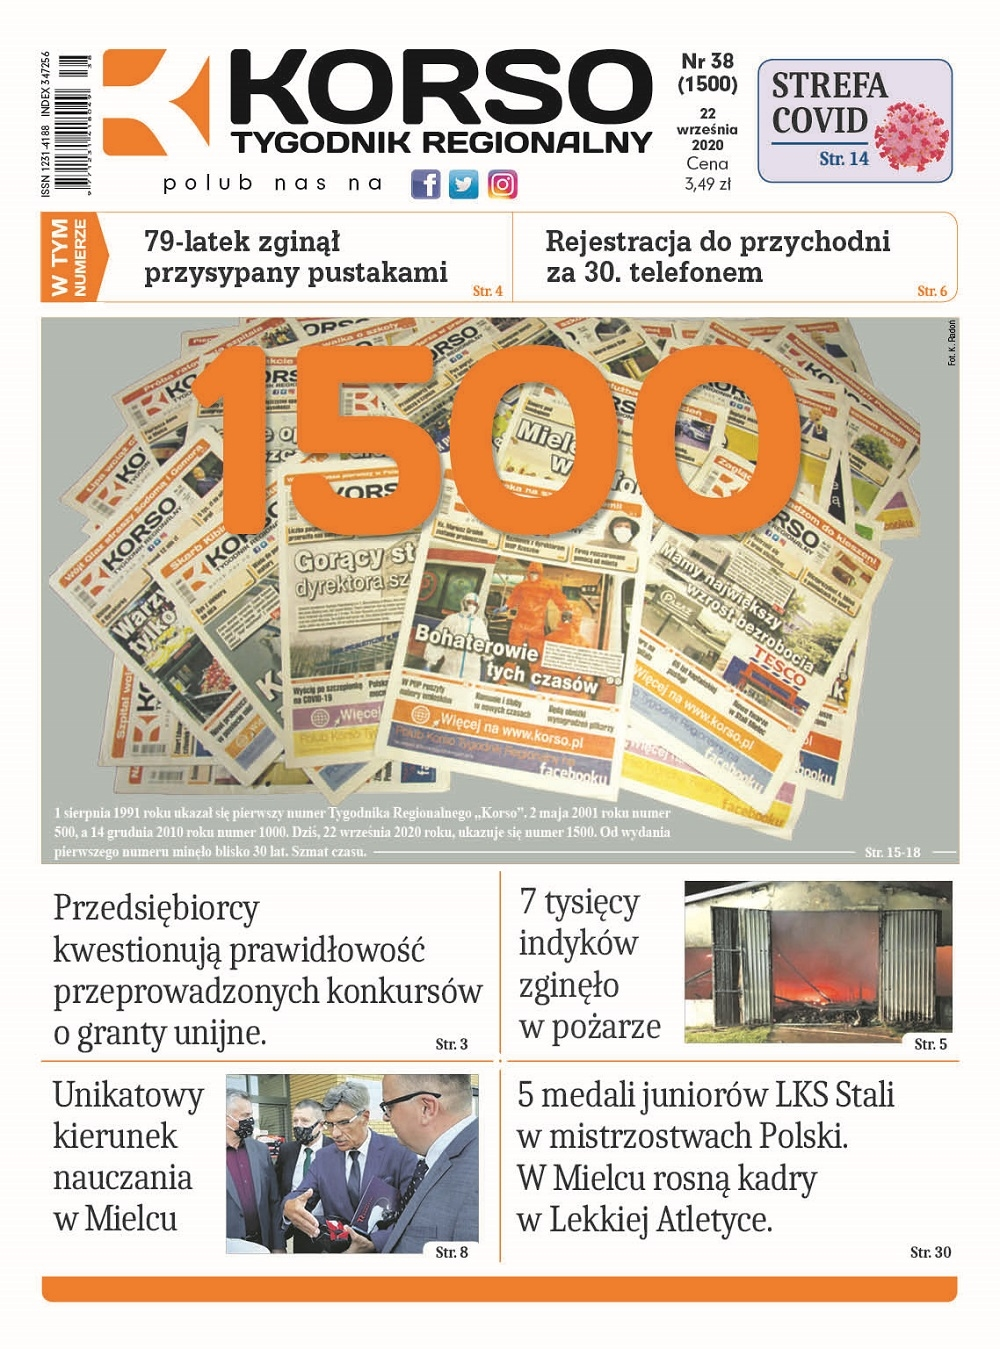 Tygodnik Regionalny KORSO nr 38/2020 [1500 numer] - Zdjęcie główne